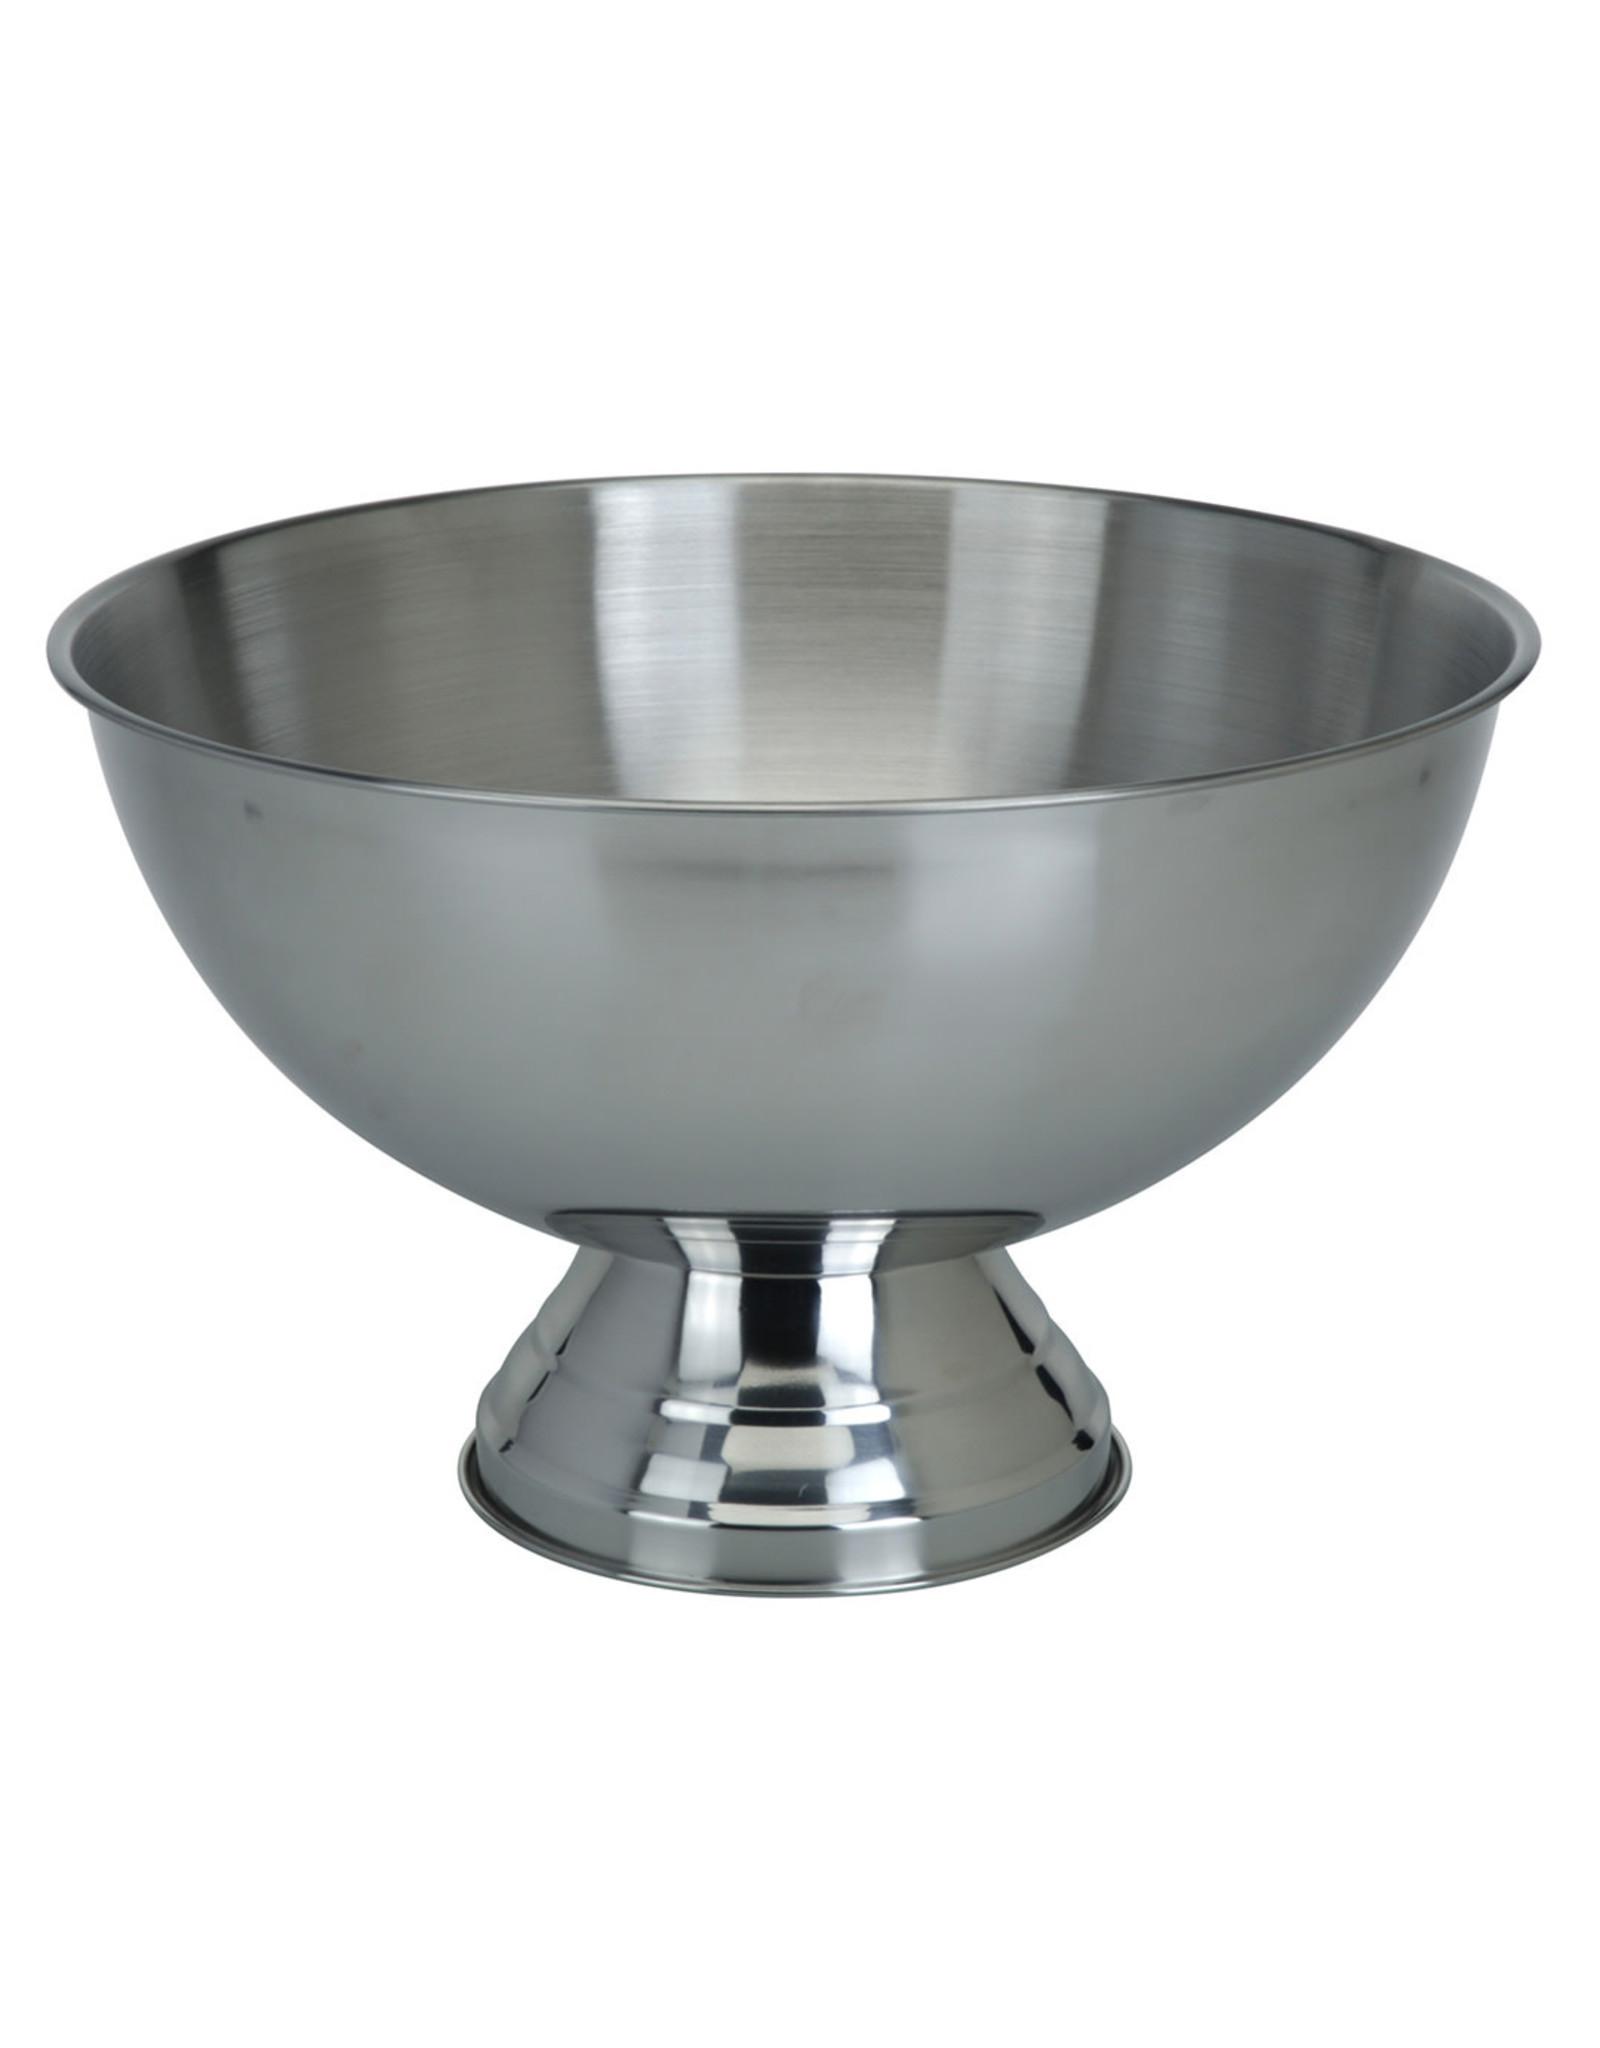 Koopman Bowl On Foot Stainless Steel